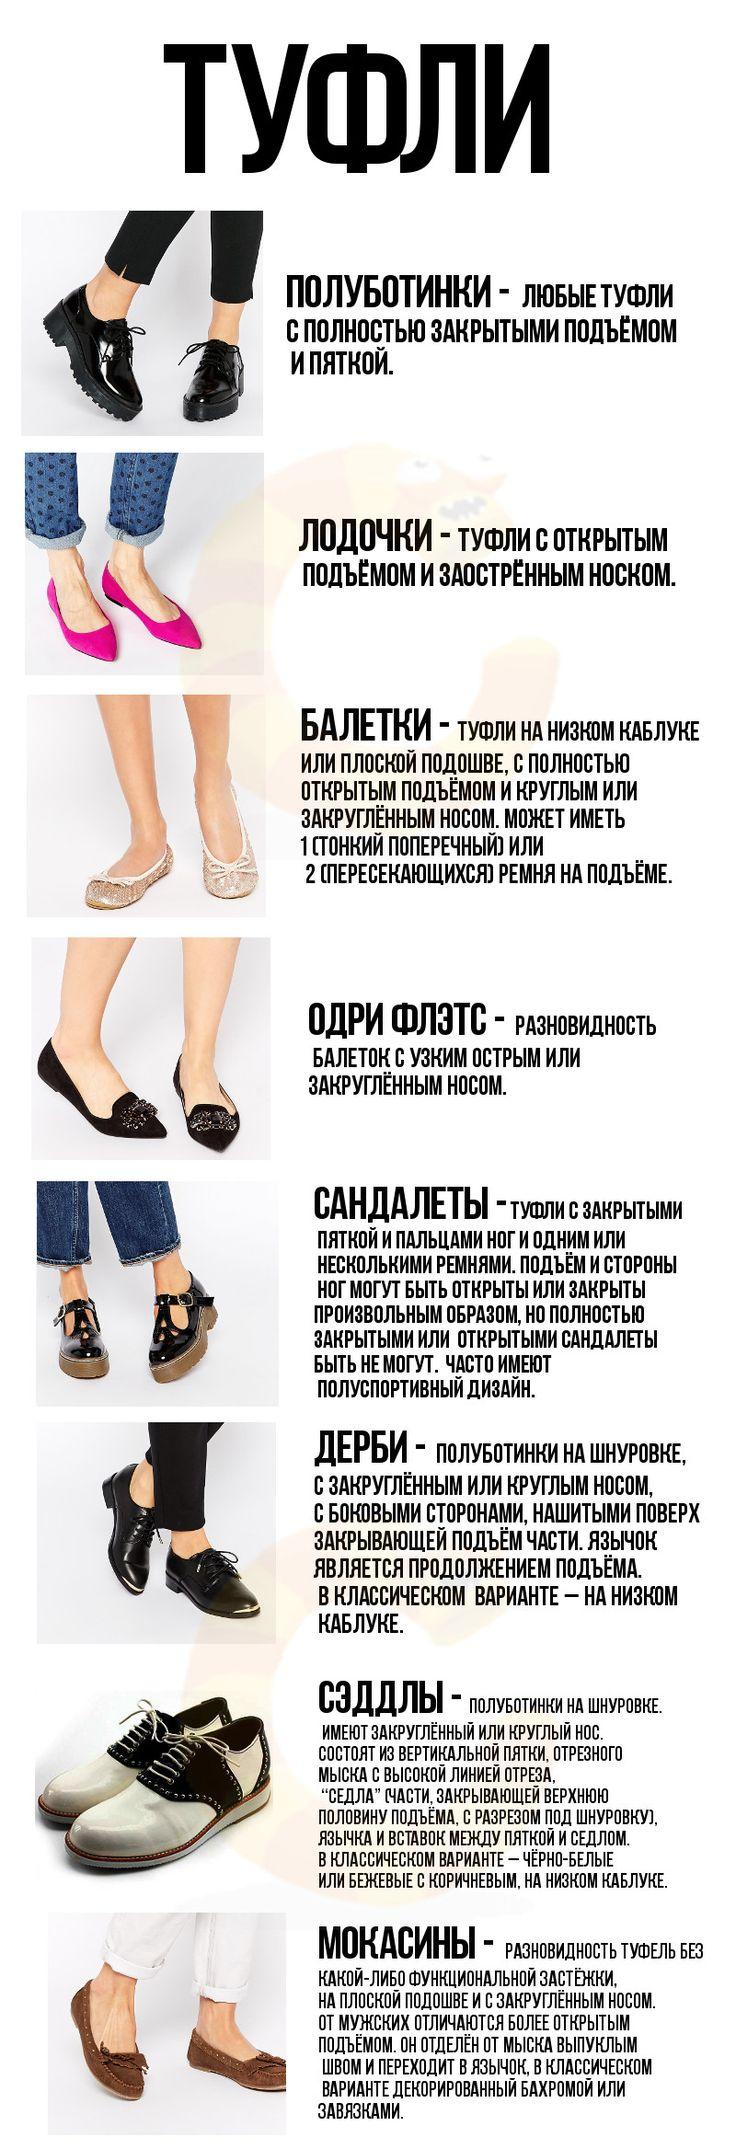 Битый час пытаешься найти в интернете модель туфель, которую увидела в кино, но никак не можешь сообразить её название? Хорошо, если где-нибудь в модном об